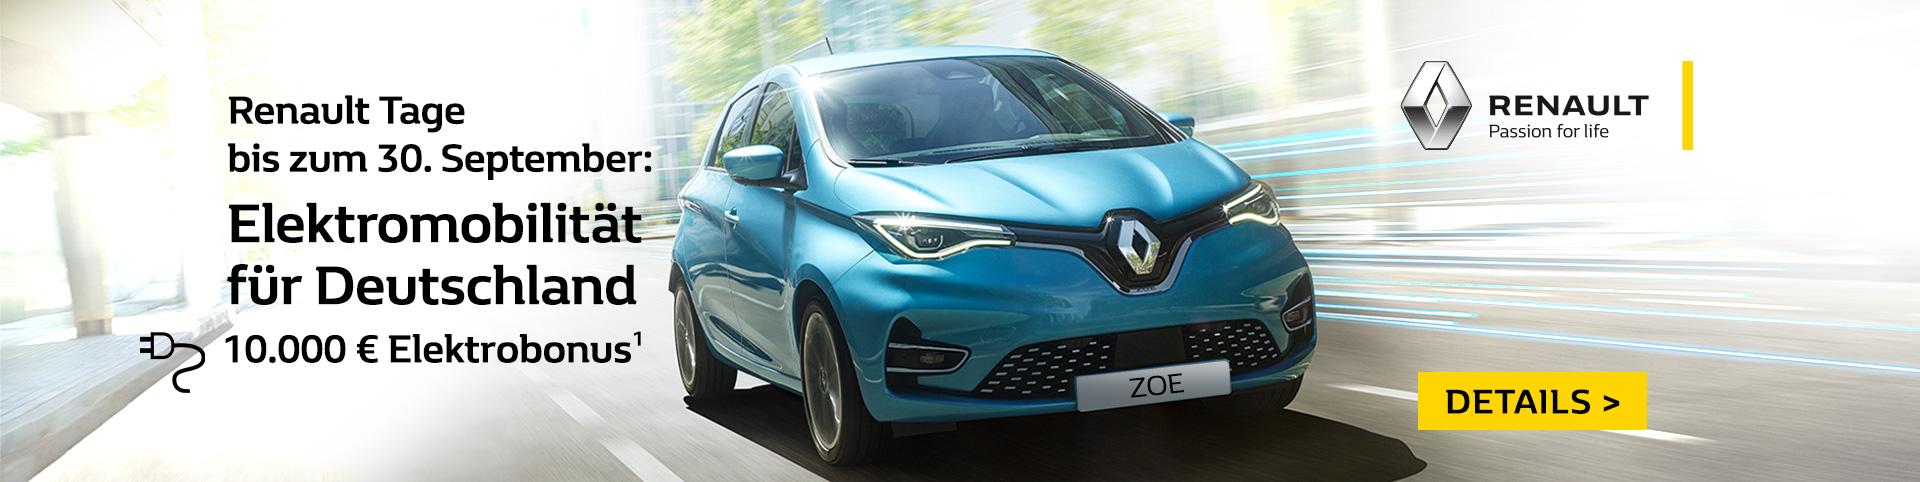 Renault Tage bei P&A Preckel bis zum 30. September